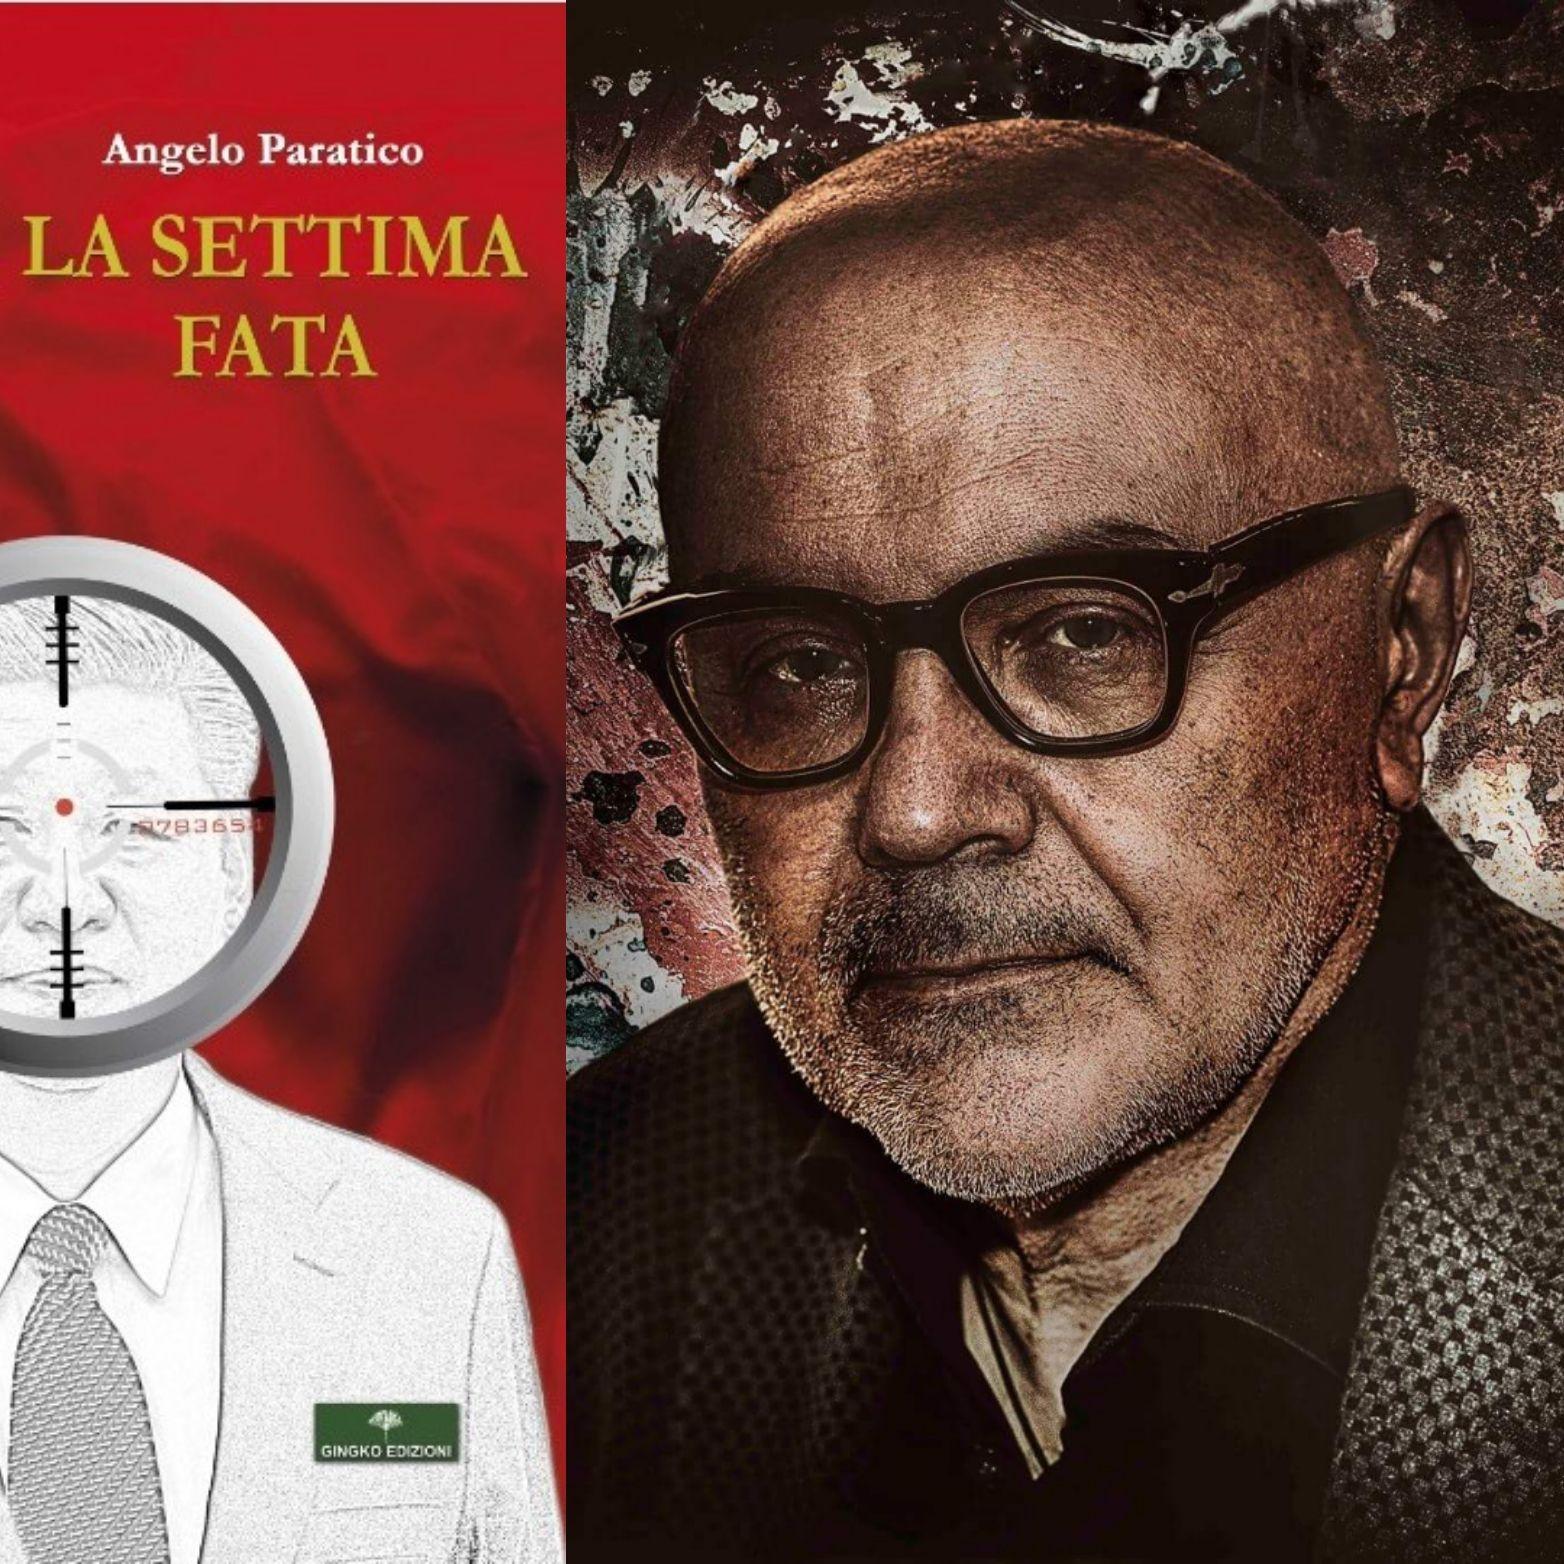 Angelo Paratico vince il premio letterario Milano International!